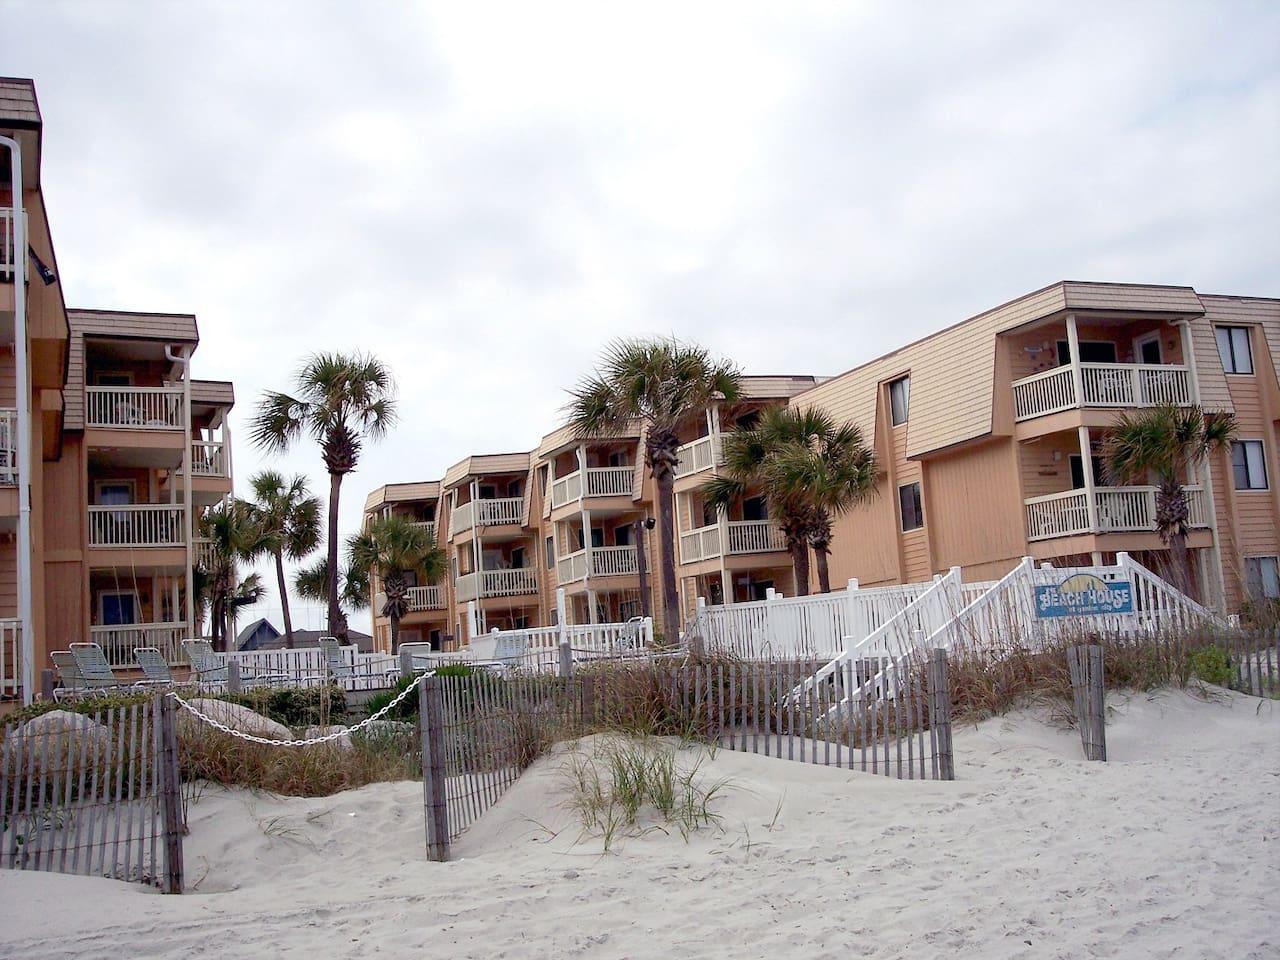 The Beach House at Garden City